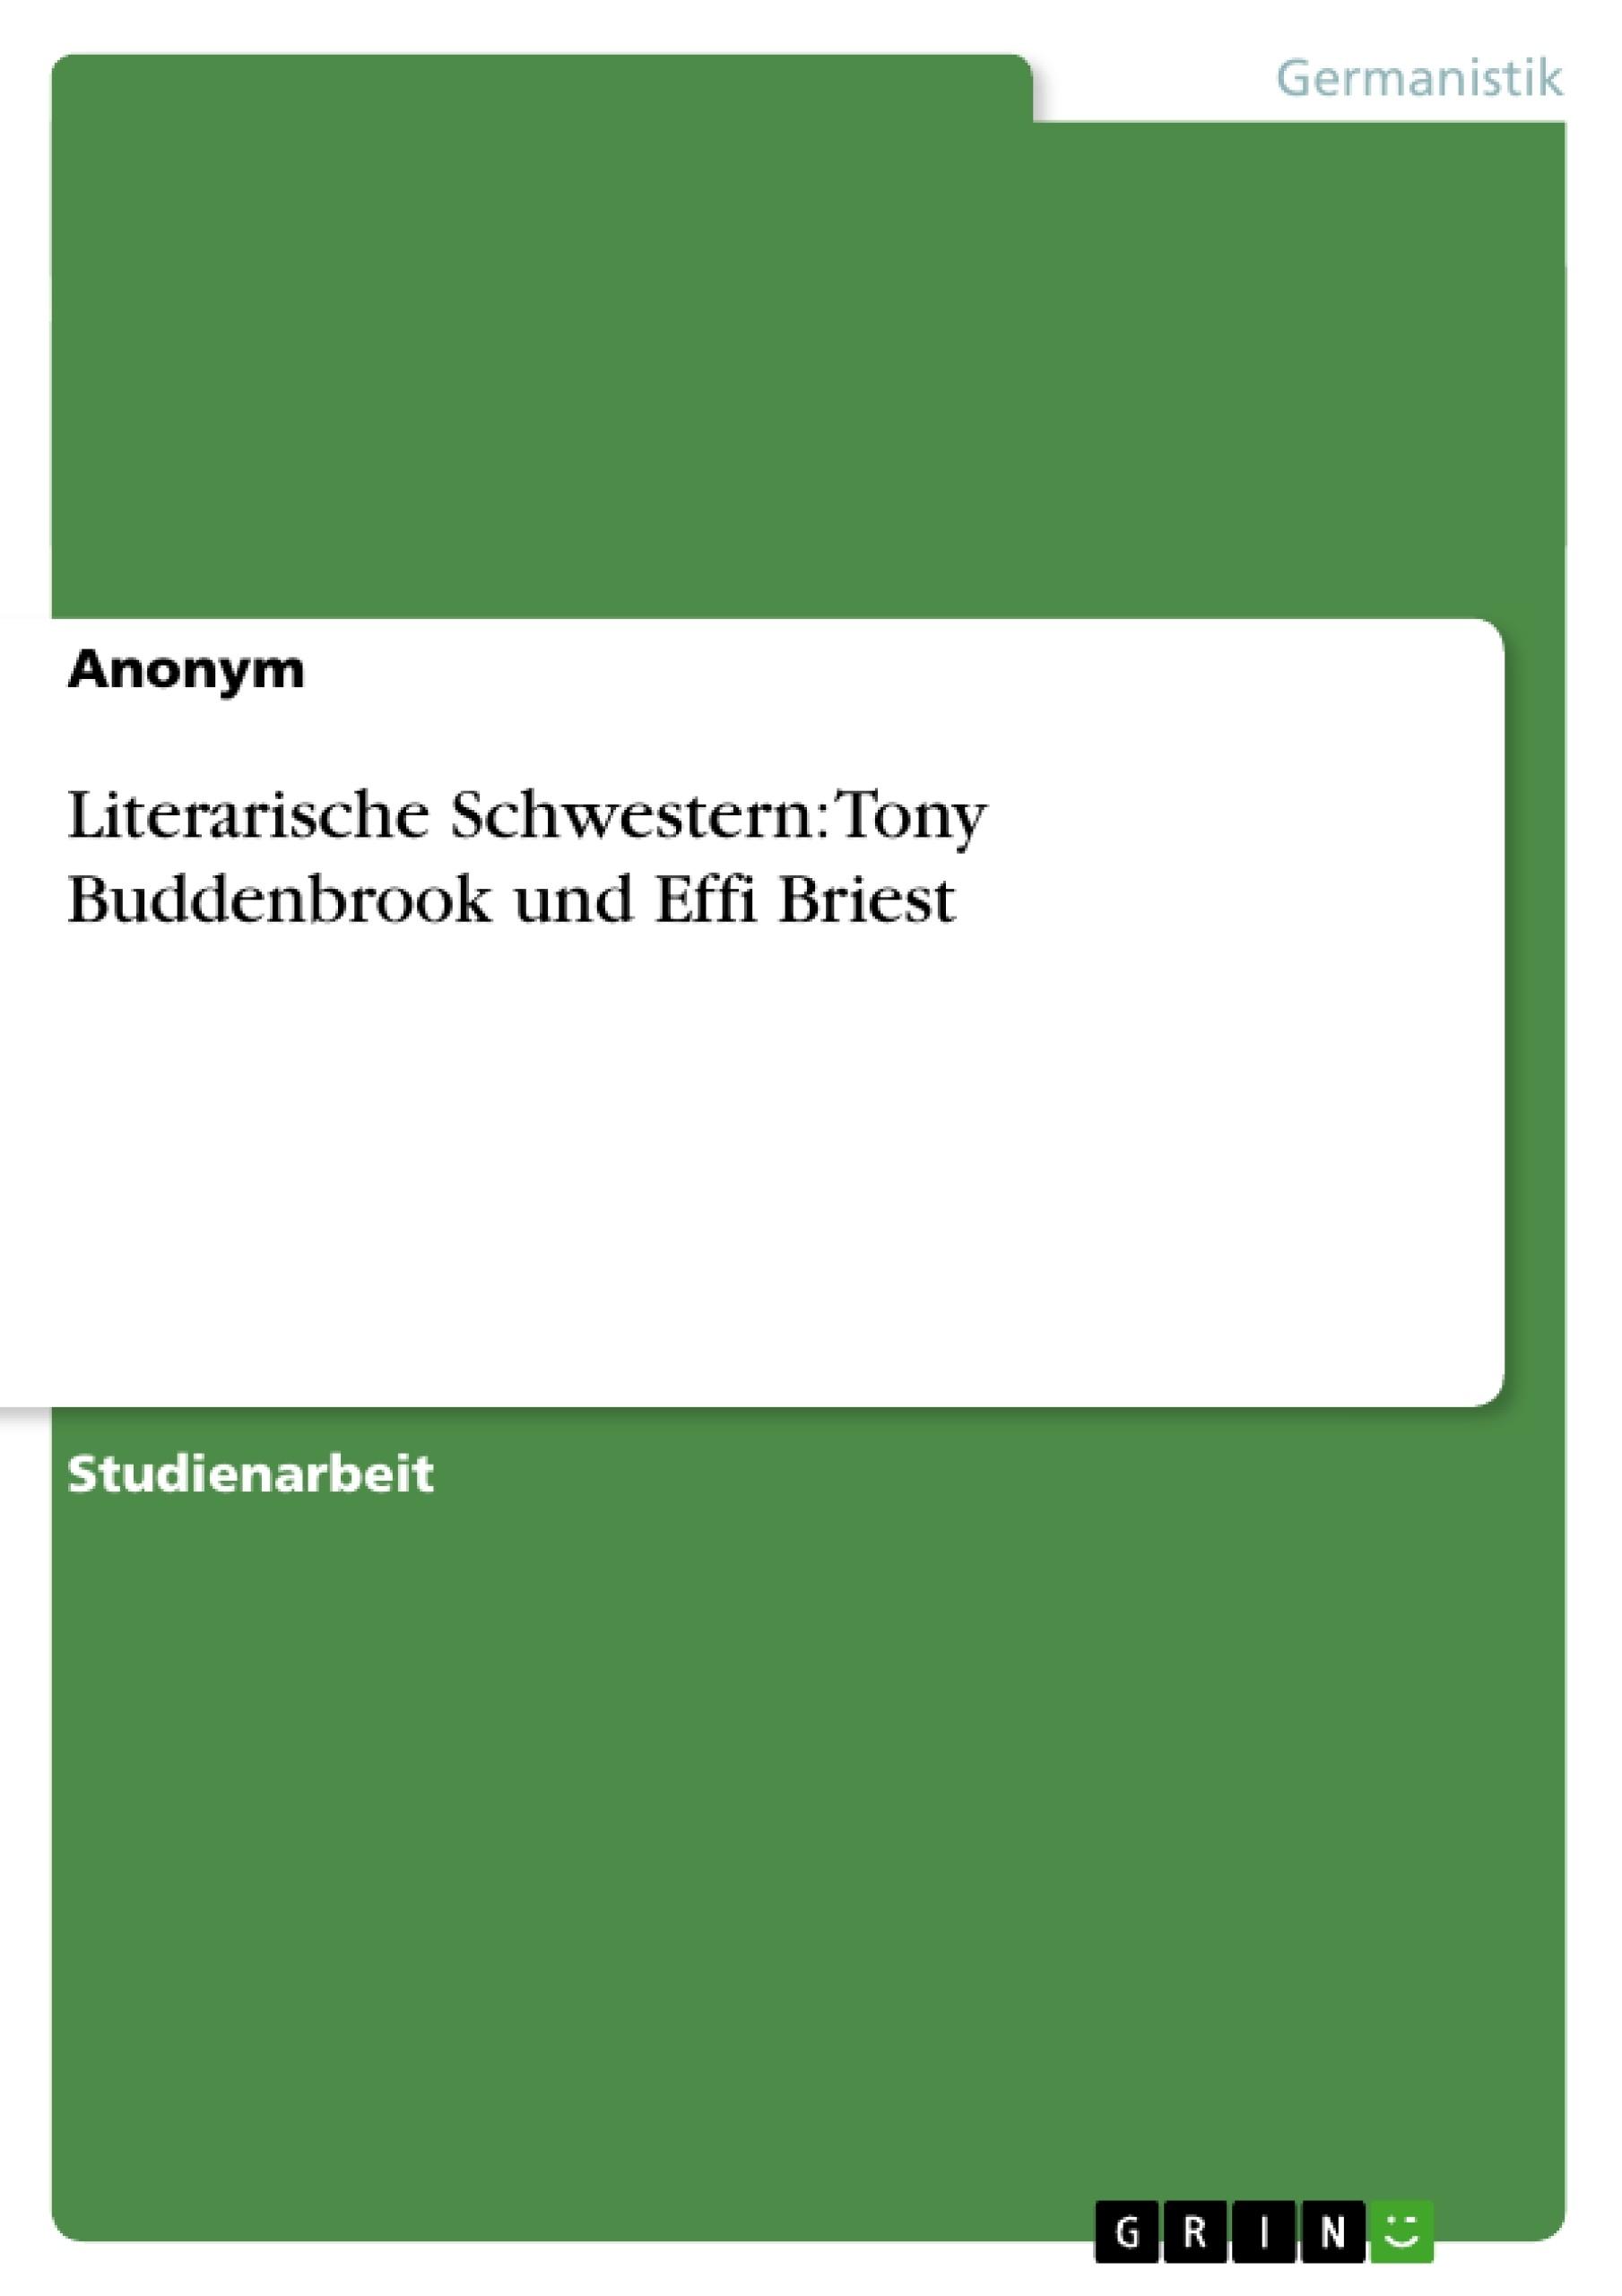 Titel: Literarische Schwestern: Tony Buddenbrook und Effi Briest